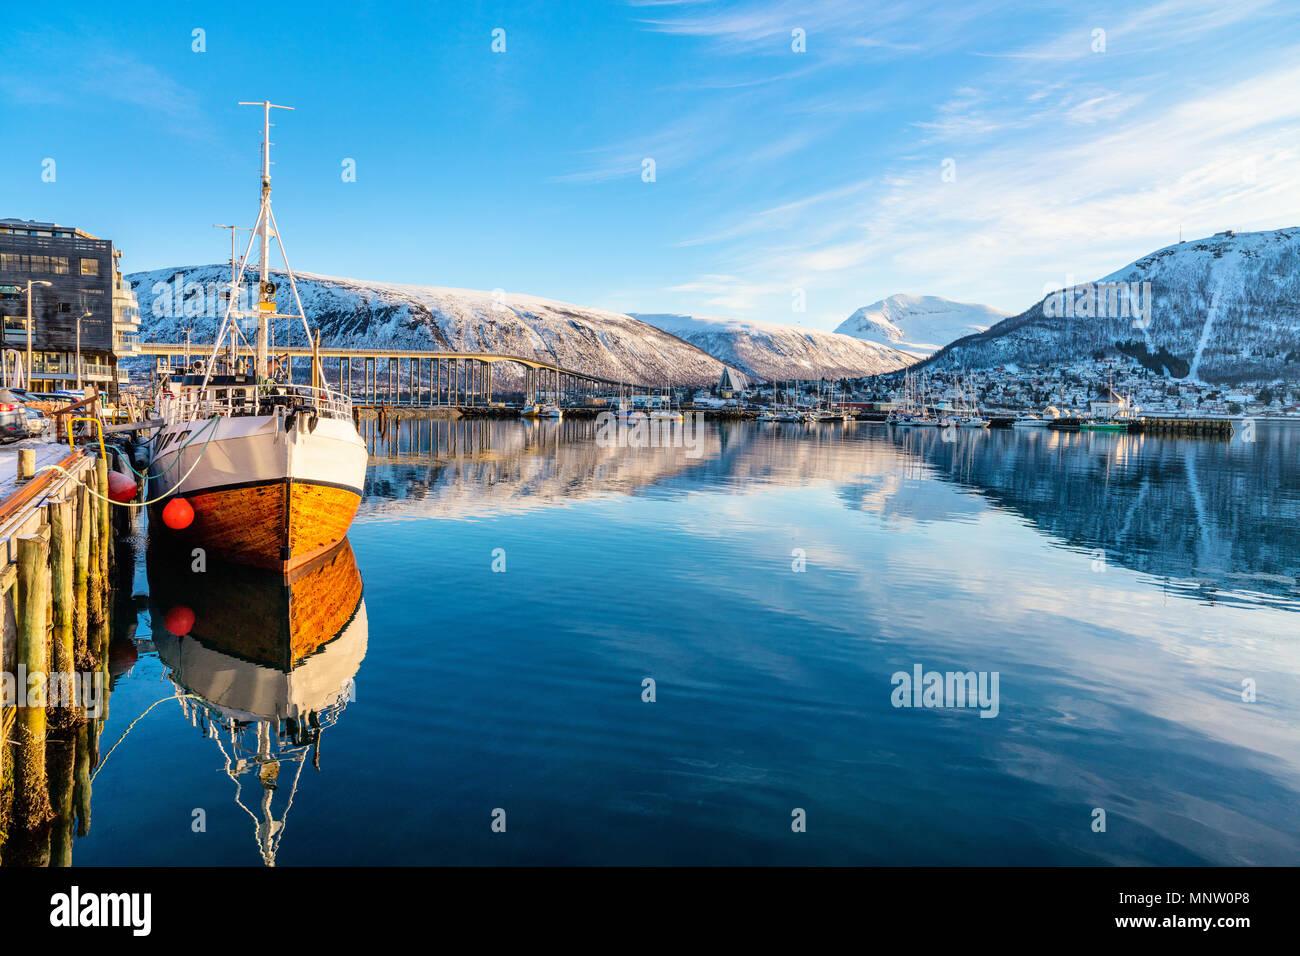 Hermoso paisaje de invierno de la nieve cubrió la ciudad de Tromso, en el norte de Noruega. Foto de stock